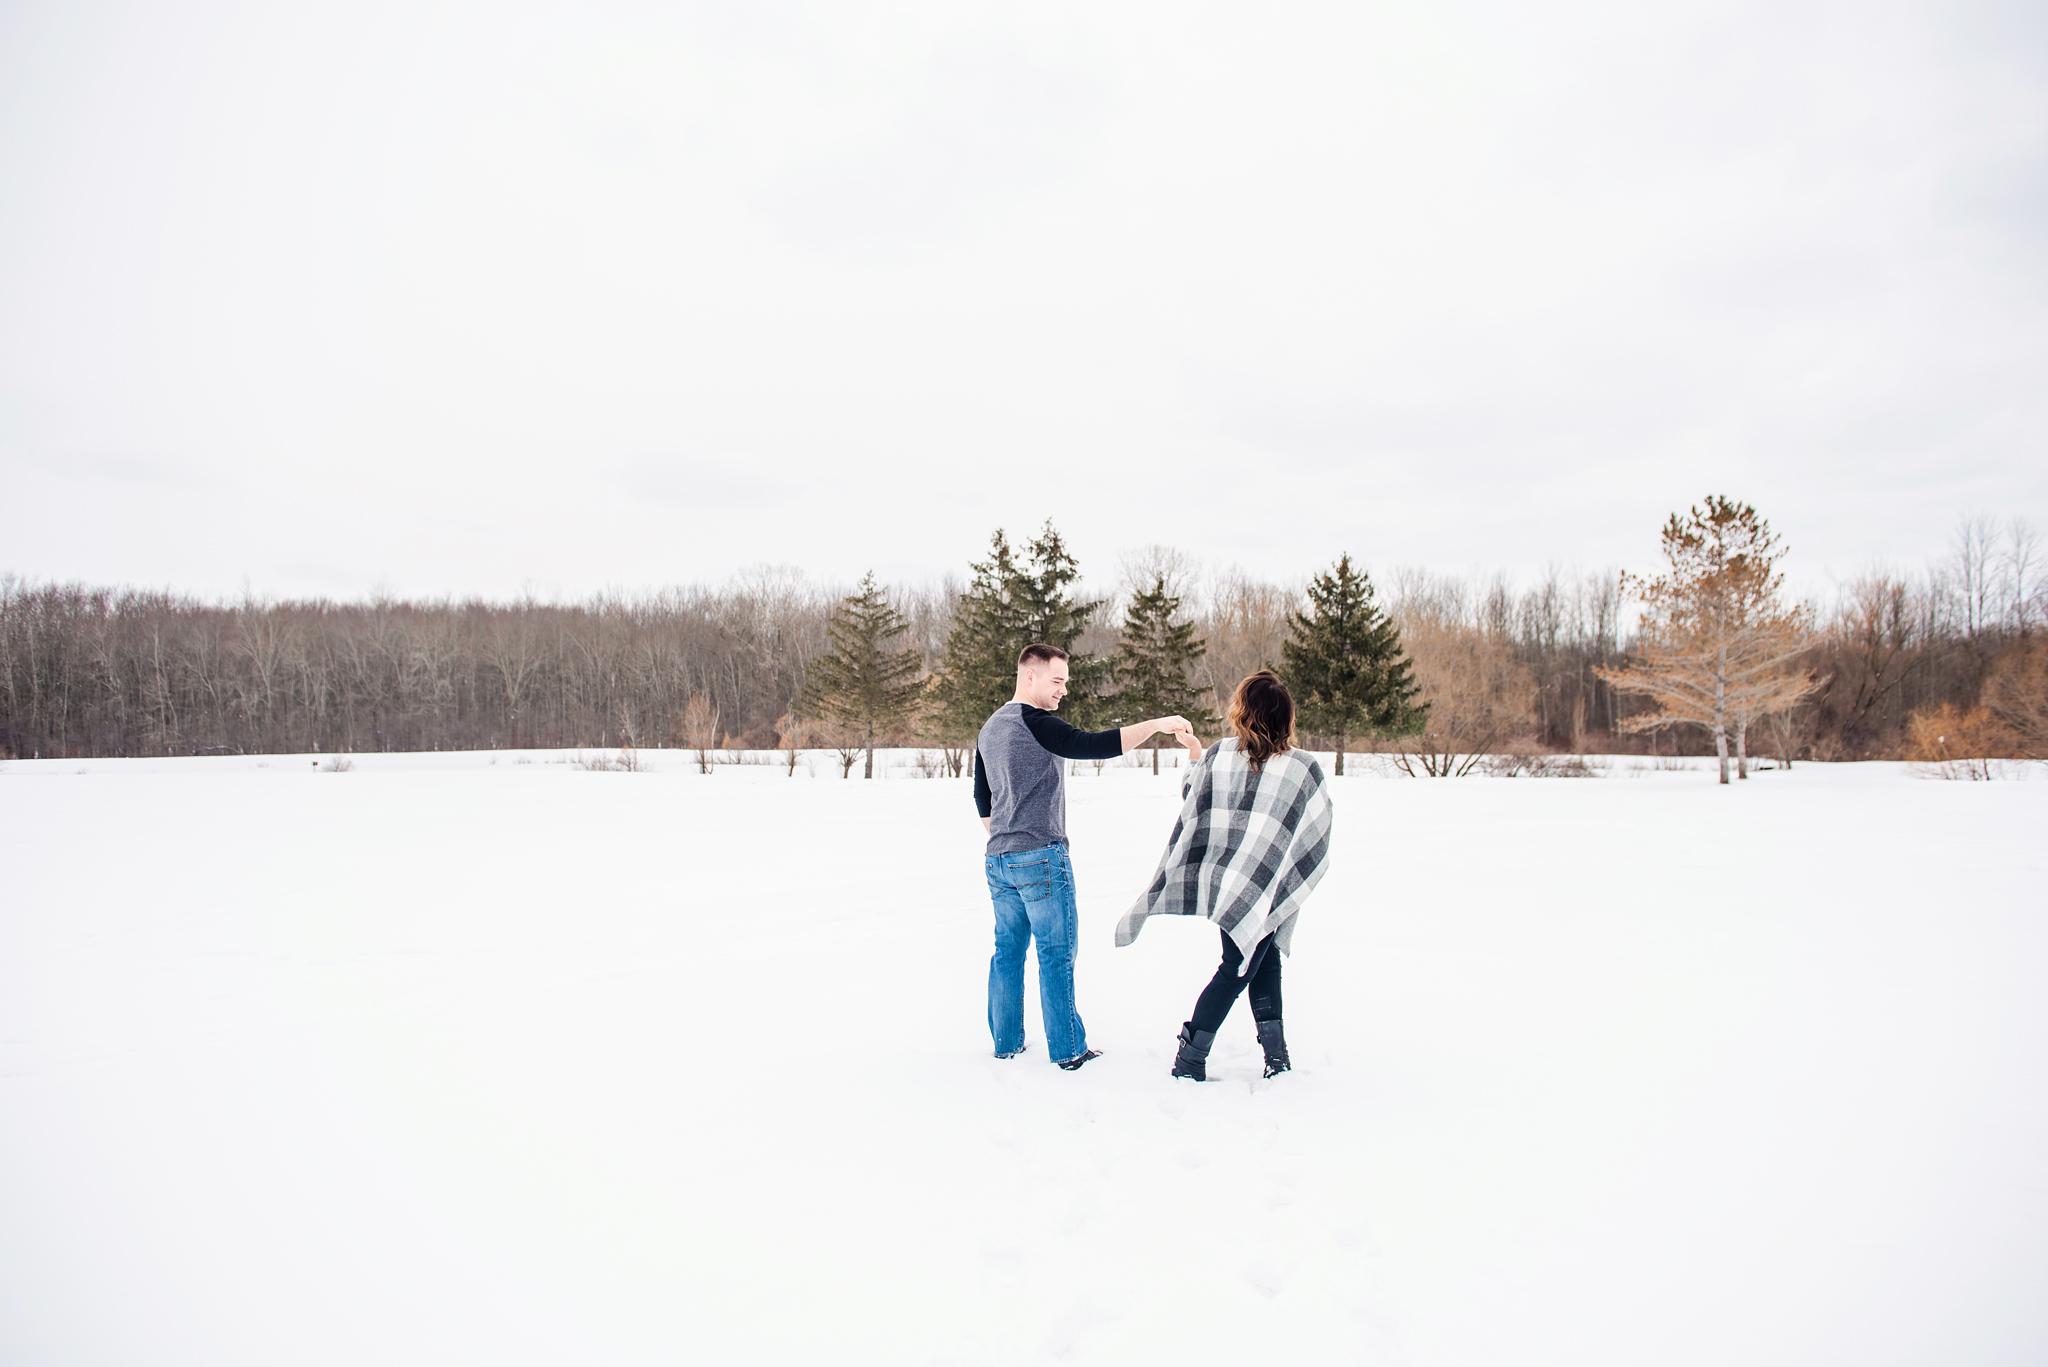 Black_Creek_Park_Rochester_Couples_Session_JILL_STUDIO_Rochester_NY_Photographer_DSC_7314.jpg